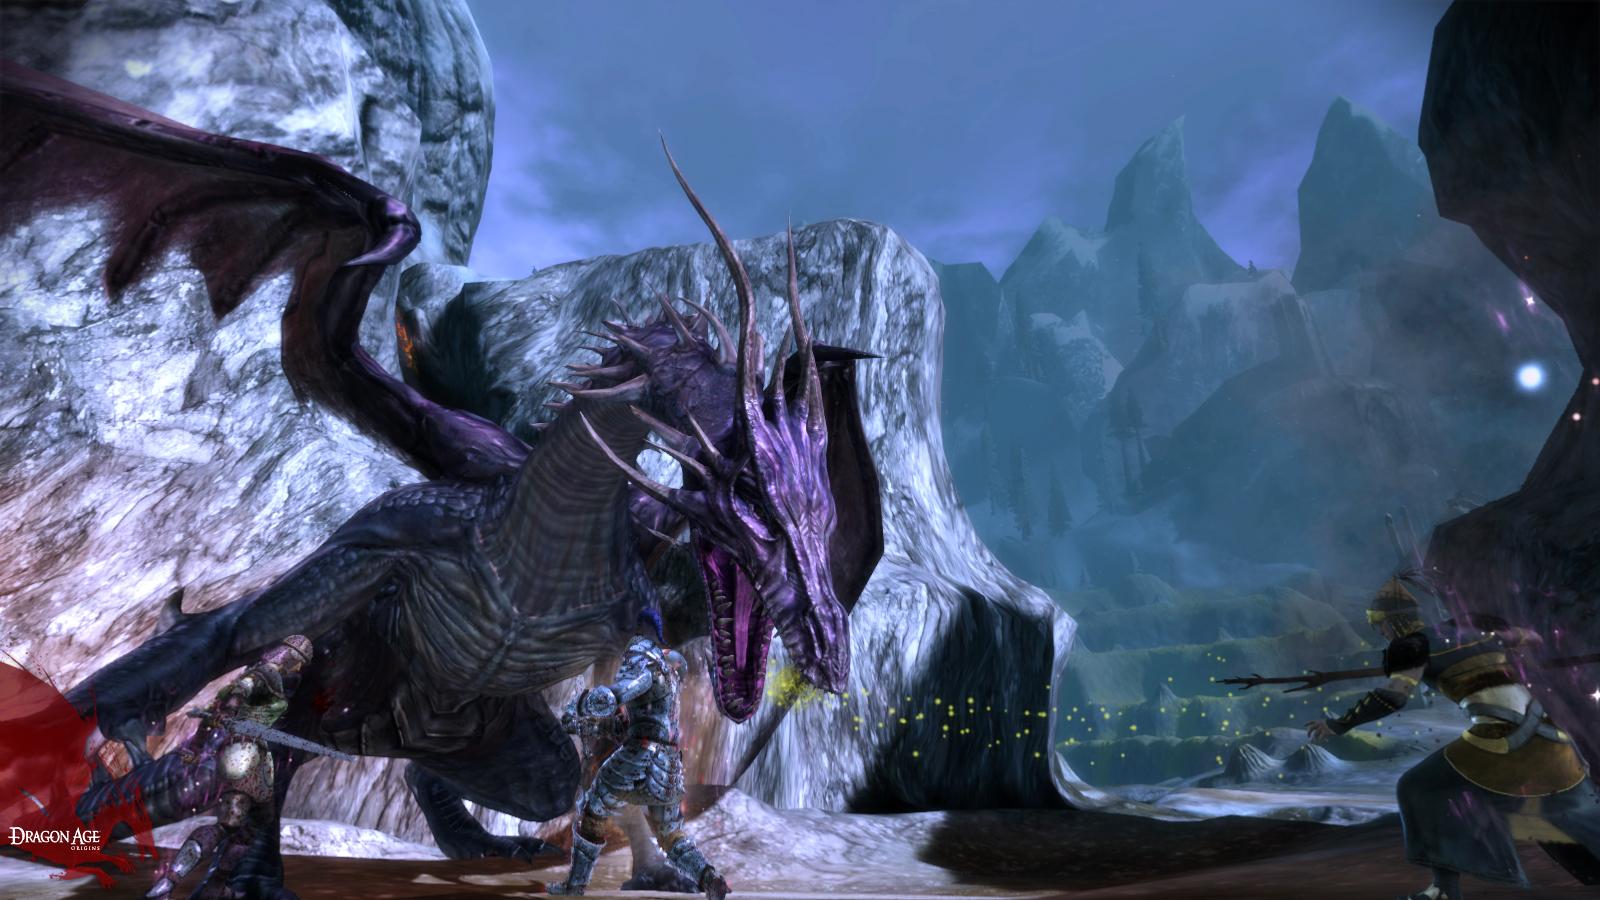 Free camera dragon age inquisition